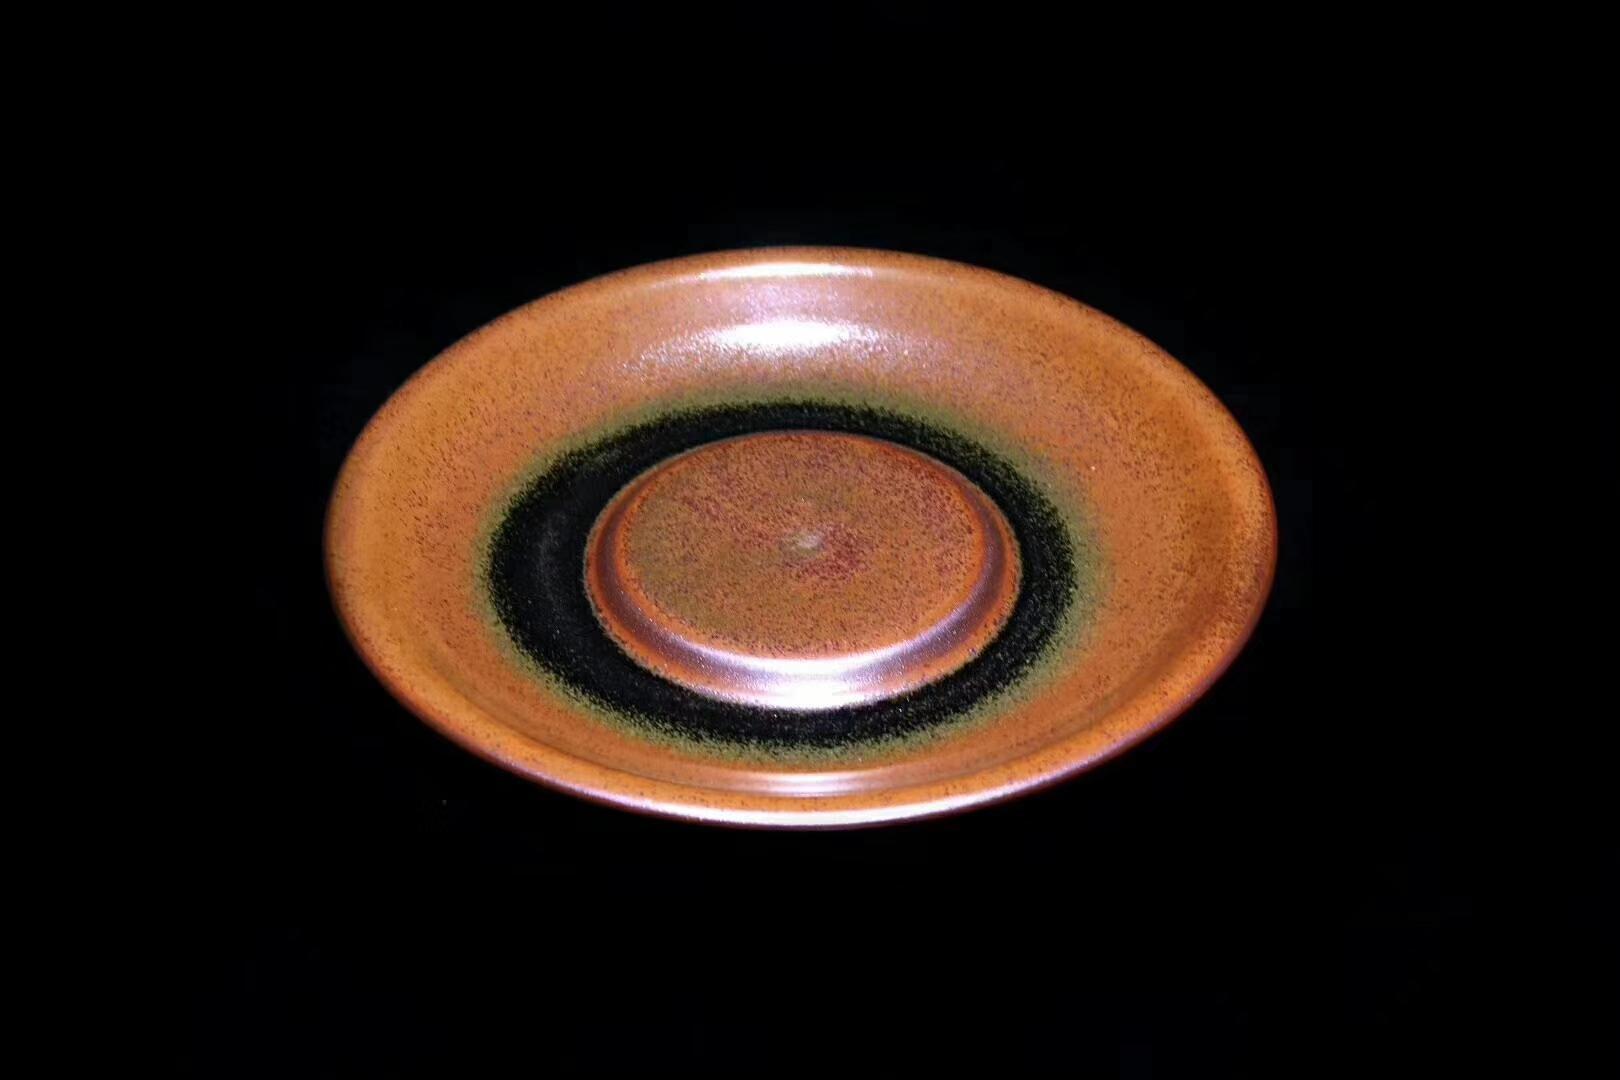 李盏造器,始终如一  高级工艺美术师 作者:李远兴 作品:龙窑柴烧 壶承